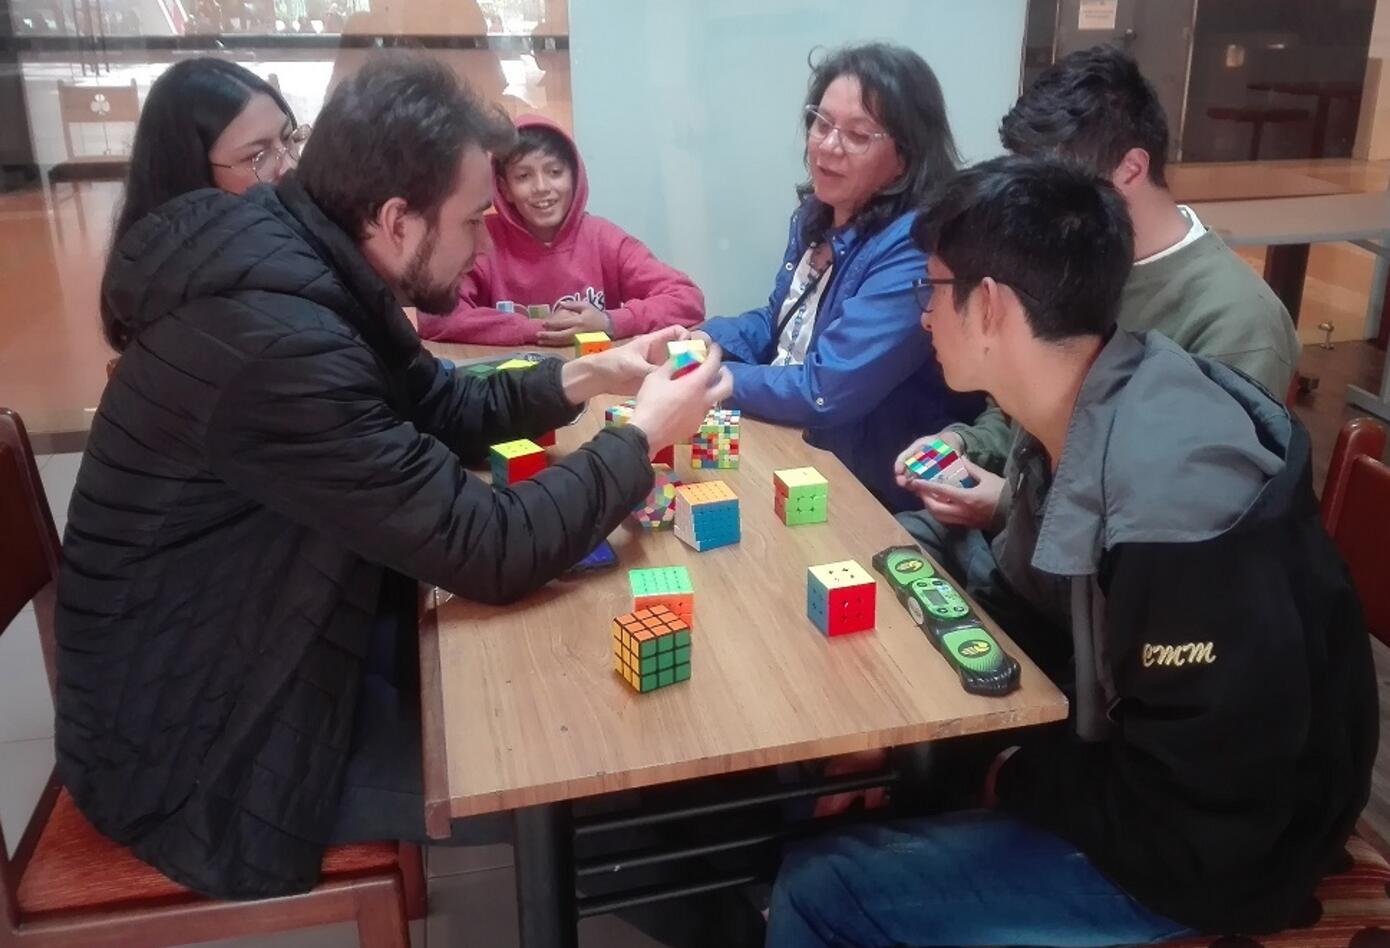 Los expertos en cubo rubik deben subsidiar sus viáticos para representar a Colombia en mundiales